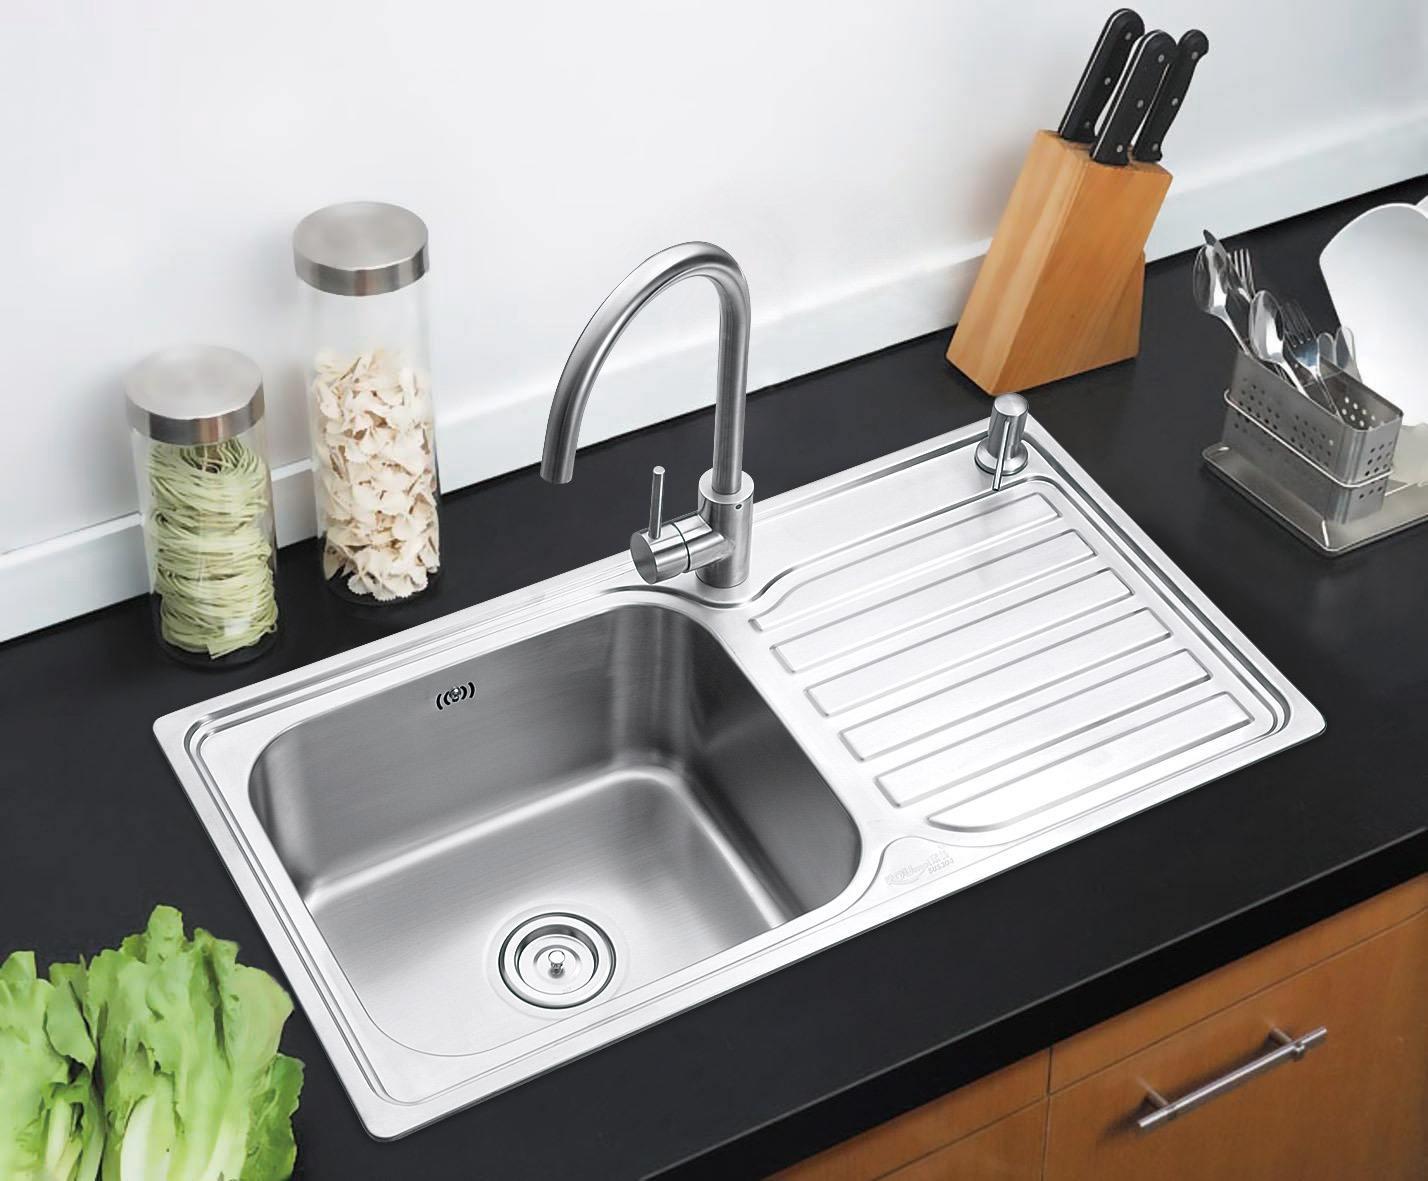 贝博app手机版贝博手机登录,厨卫水槽,挑选水槽